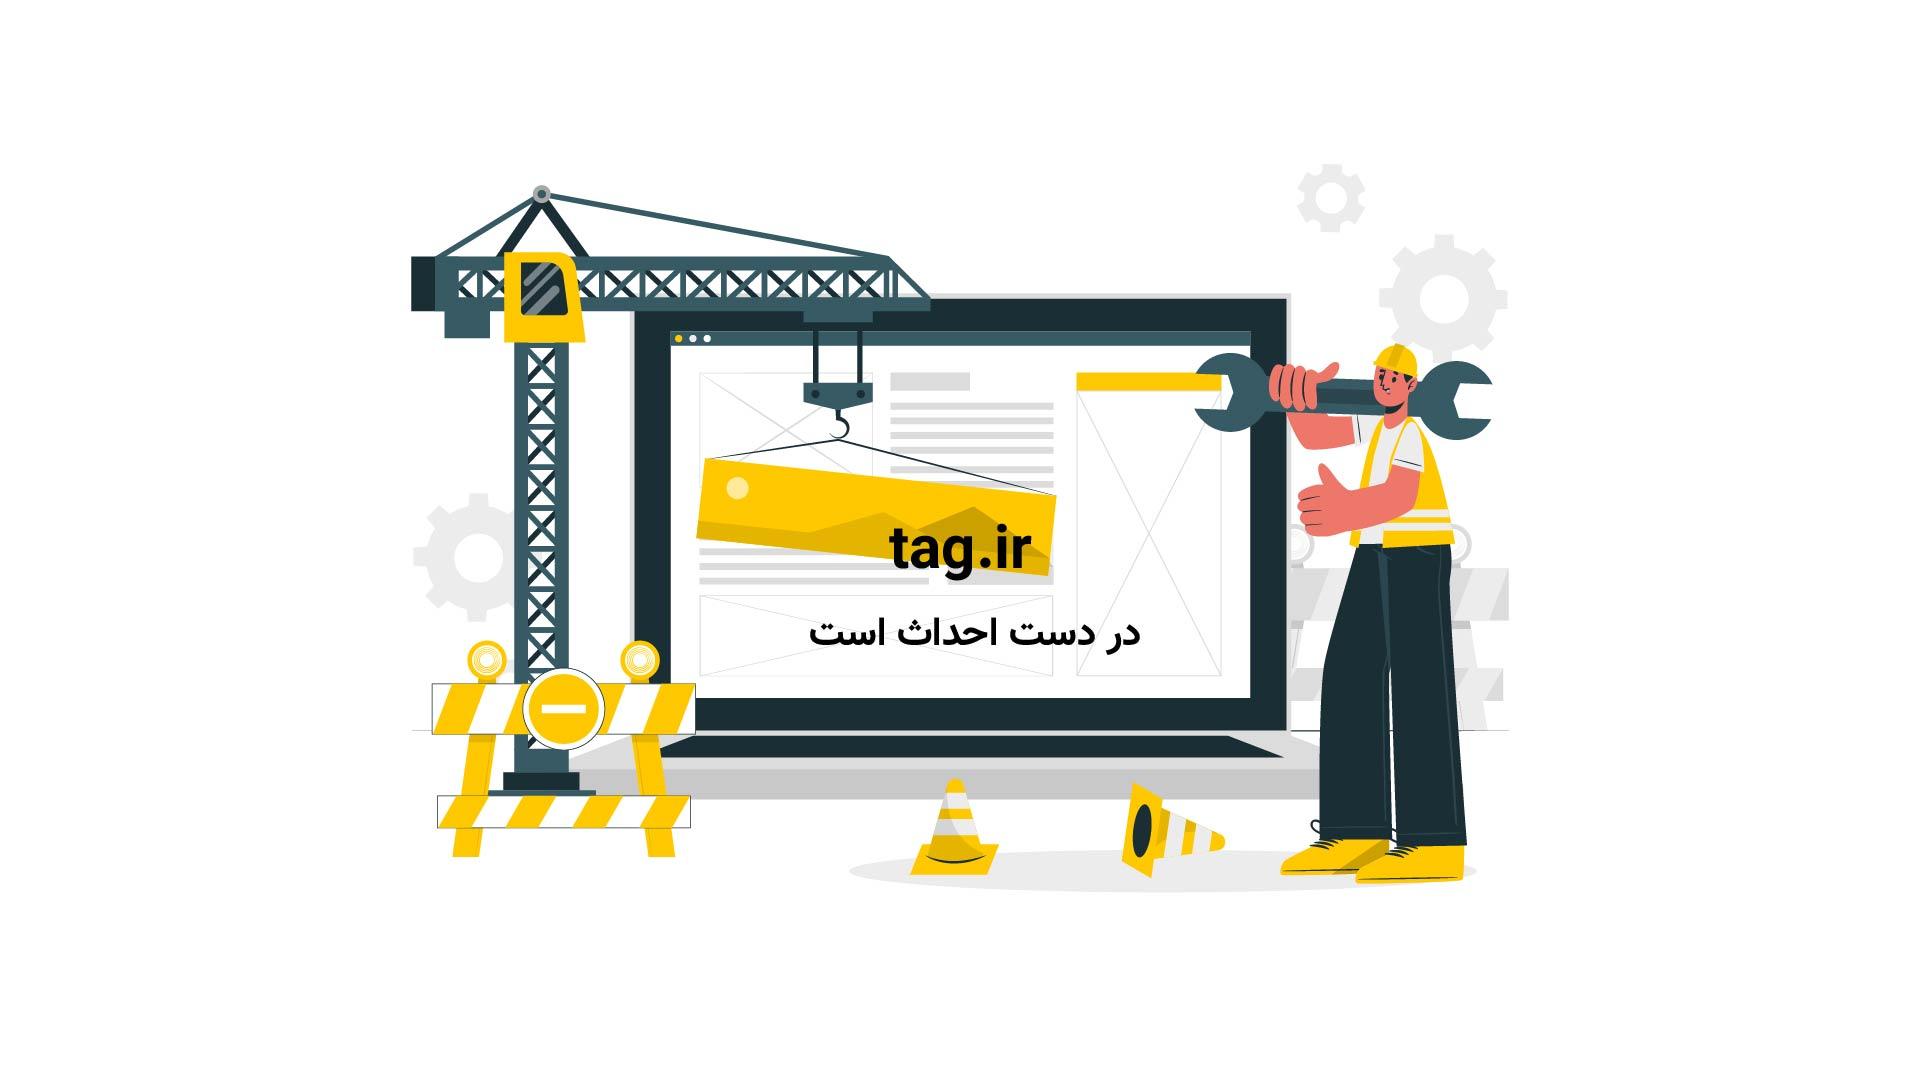 کارتون انگری بردز ؛ این قسمت بابانوئل | فیلم